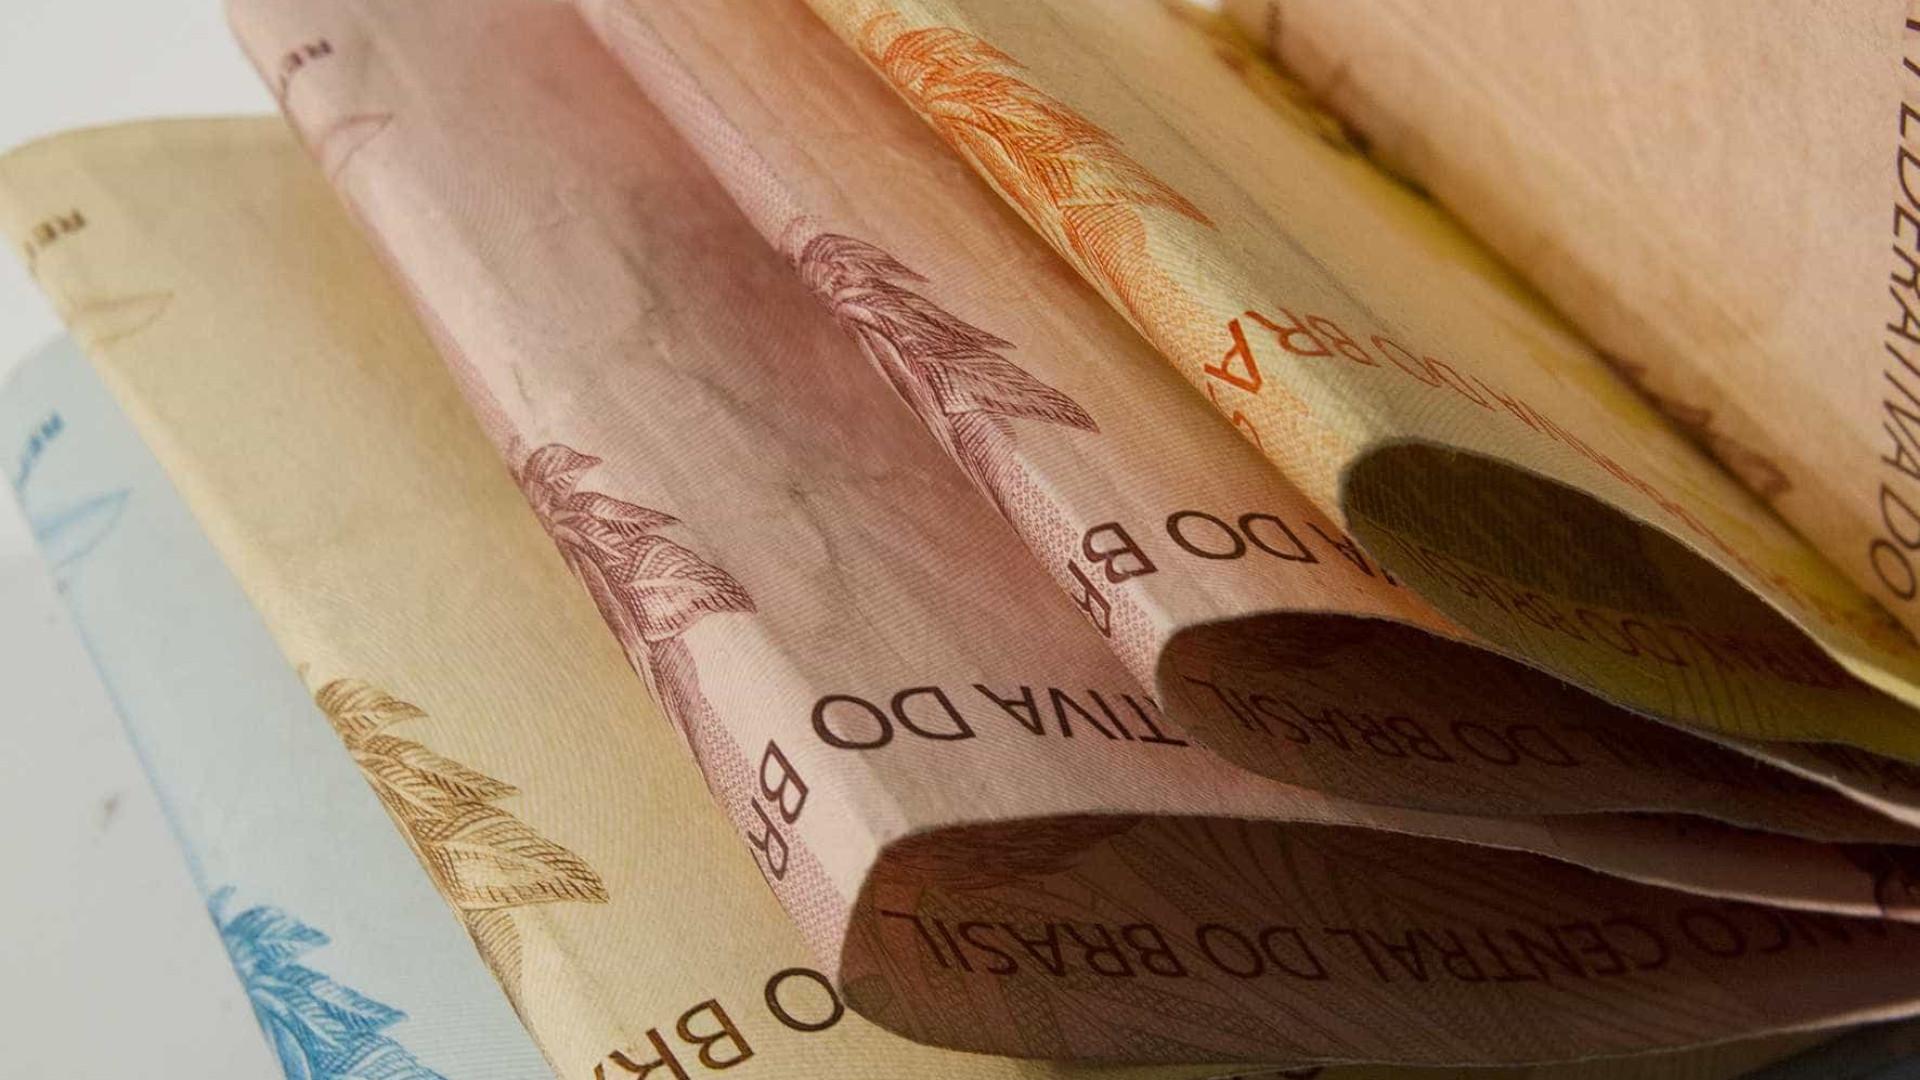 Desvalorização de 10% do real levará inflação a 5% em 2019, diz banco